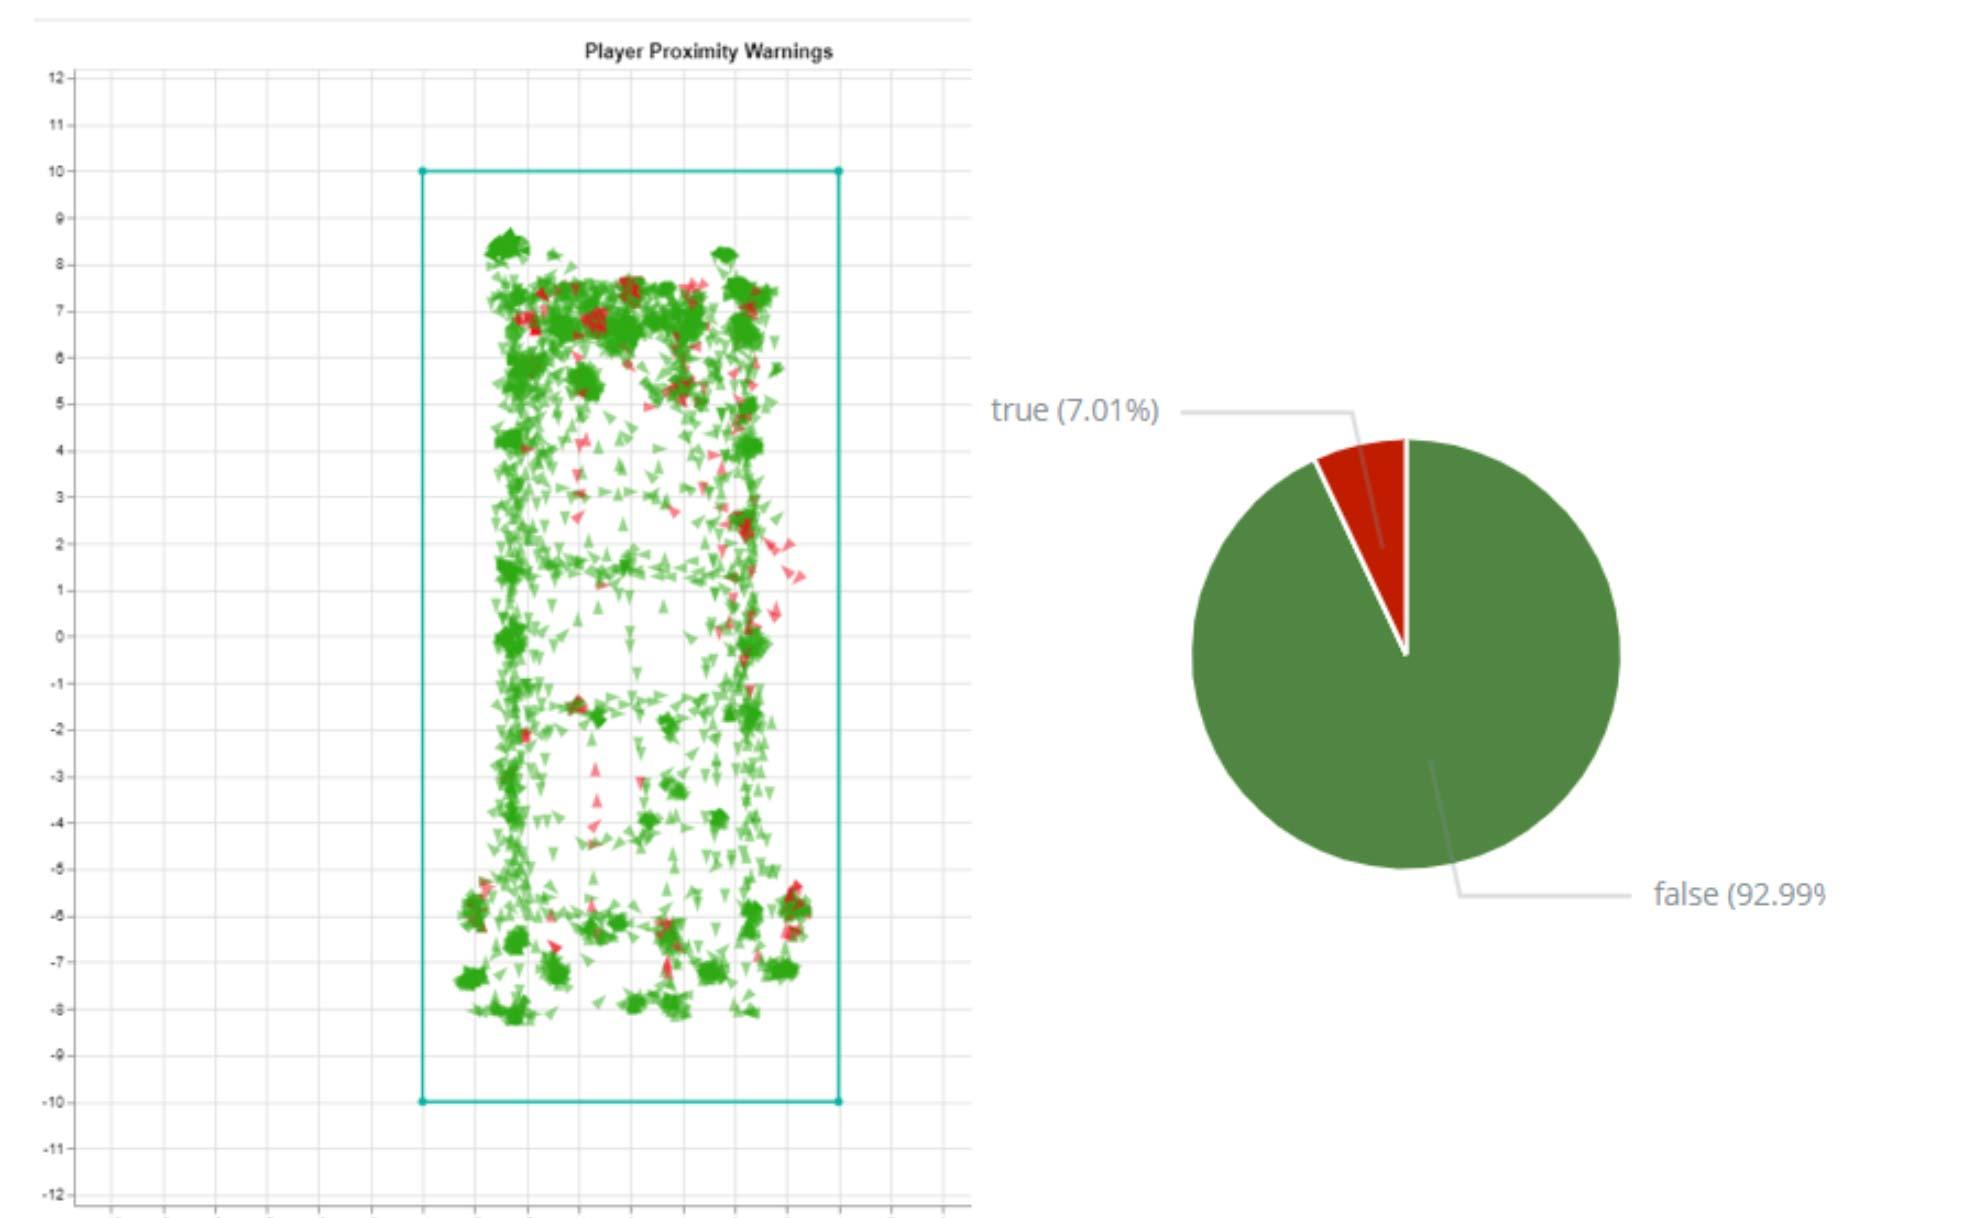 image-zero-latency-vega-lite-visualization.jpg